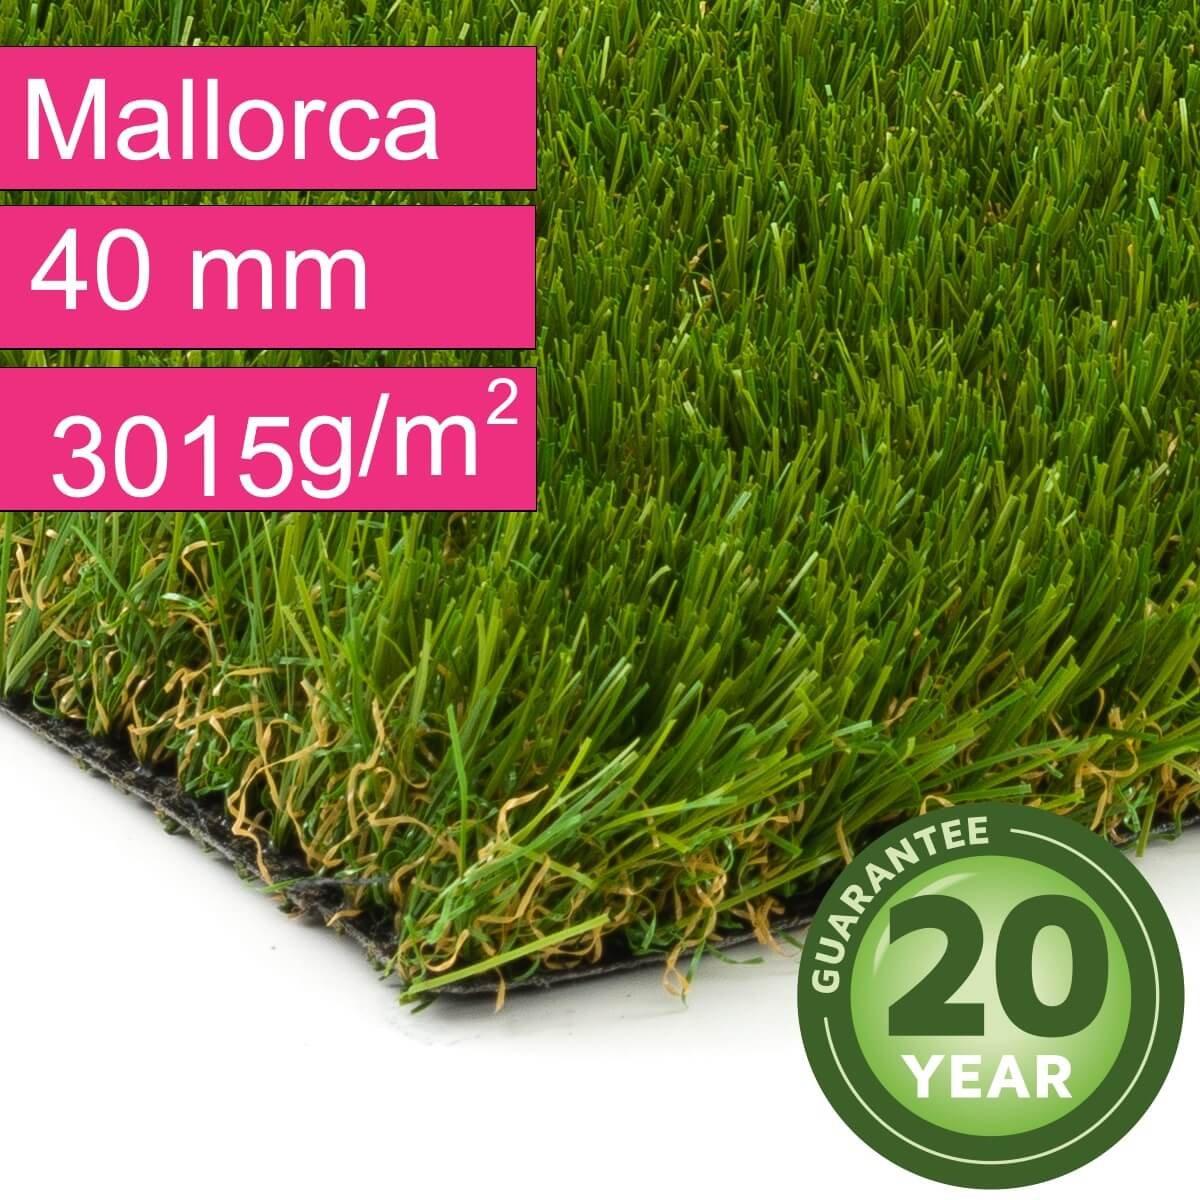 Rollrasen Kunststoffrasen DIN 53387 3015 g//m/² Florh/öhe 40 mm UV-Garantie 20 Jahre Kunstrasen Rasenteppich Mallorca f/ür Garten - 4,00 m x 3,00 m Gewicht ca